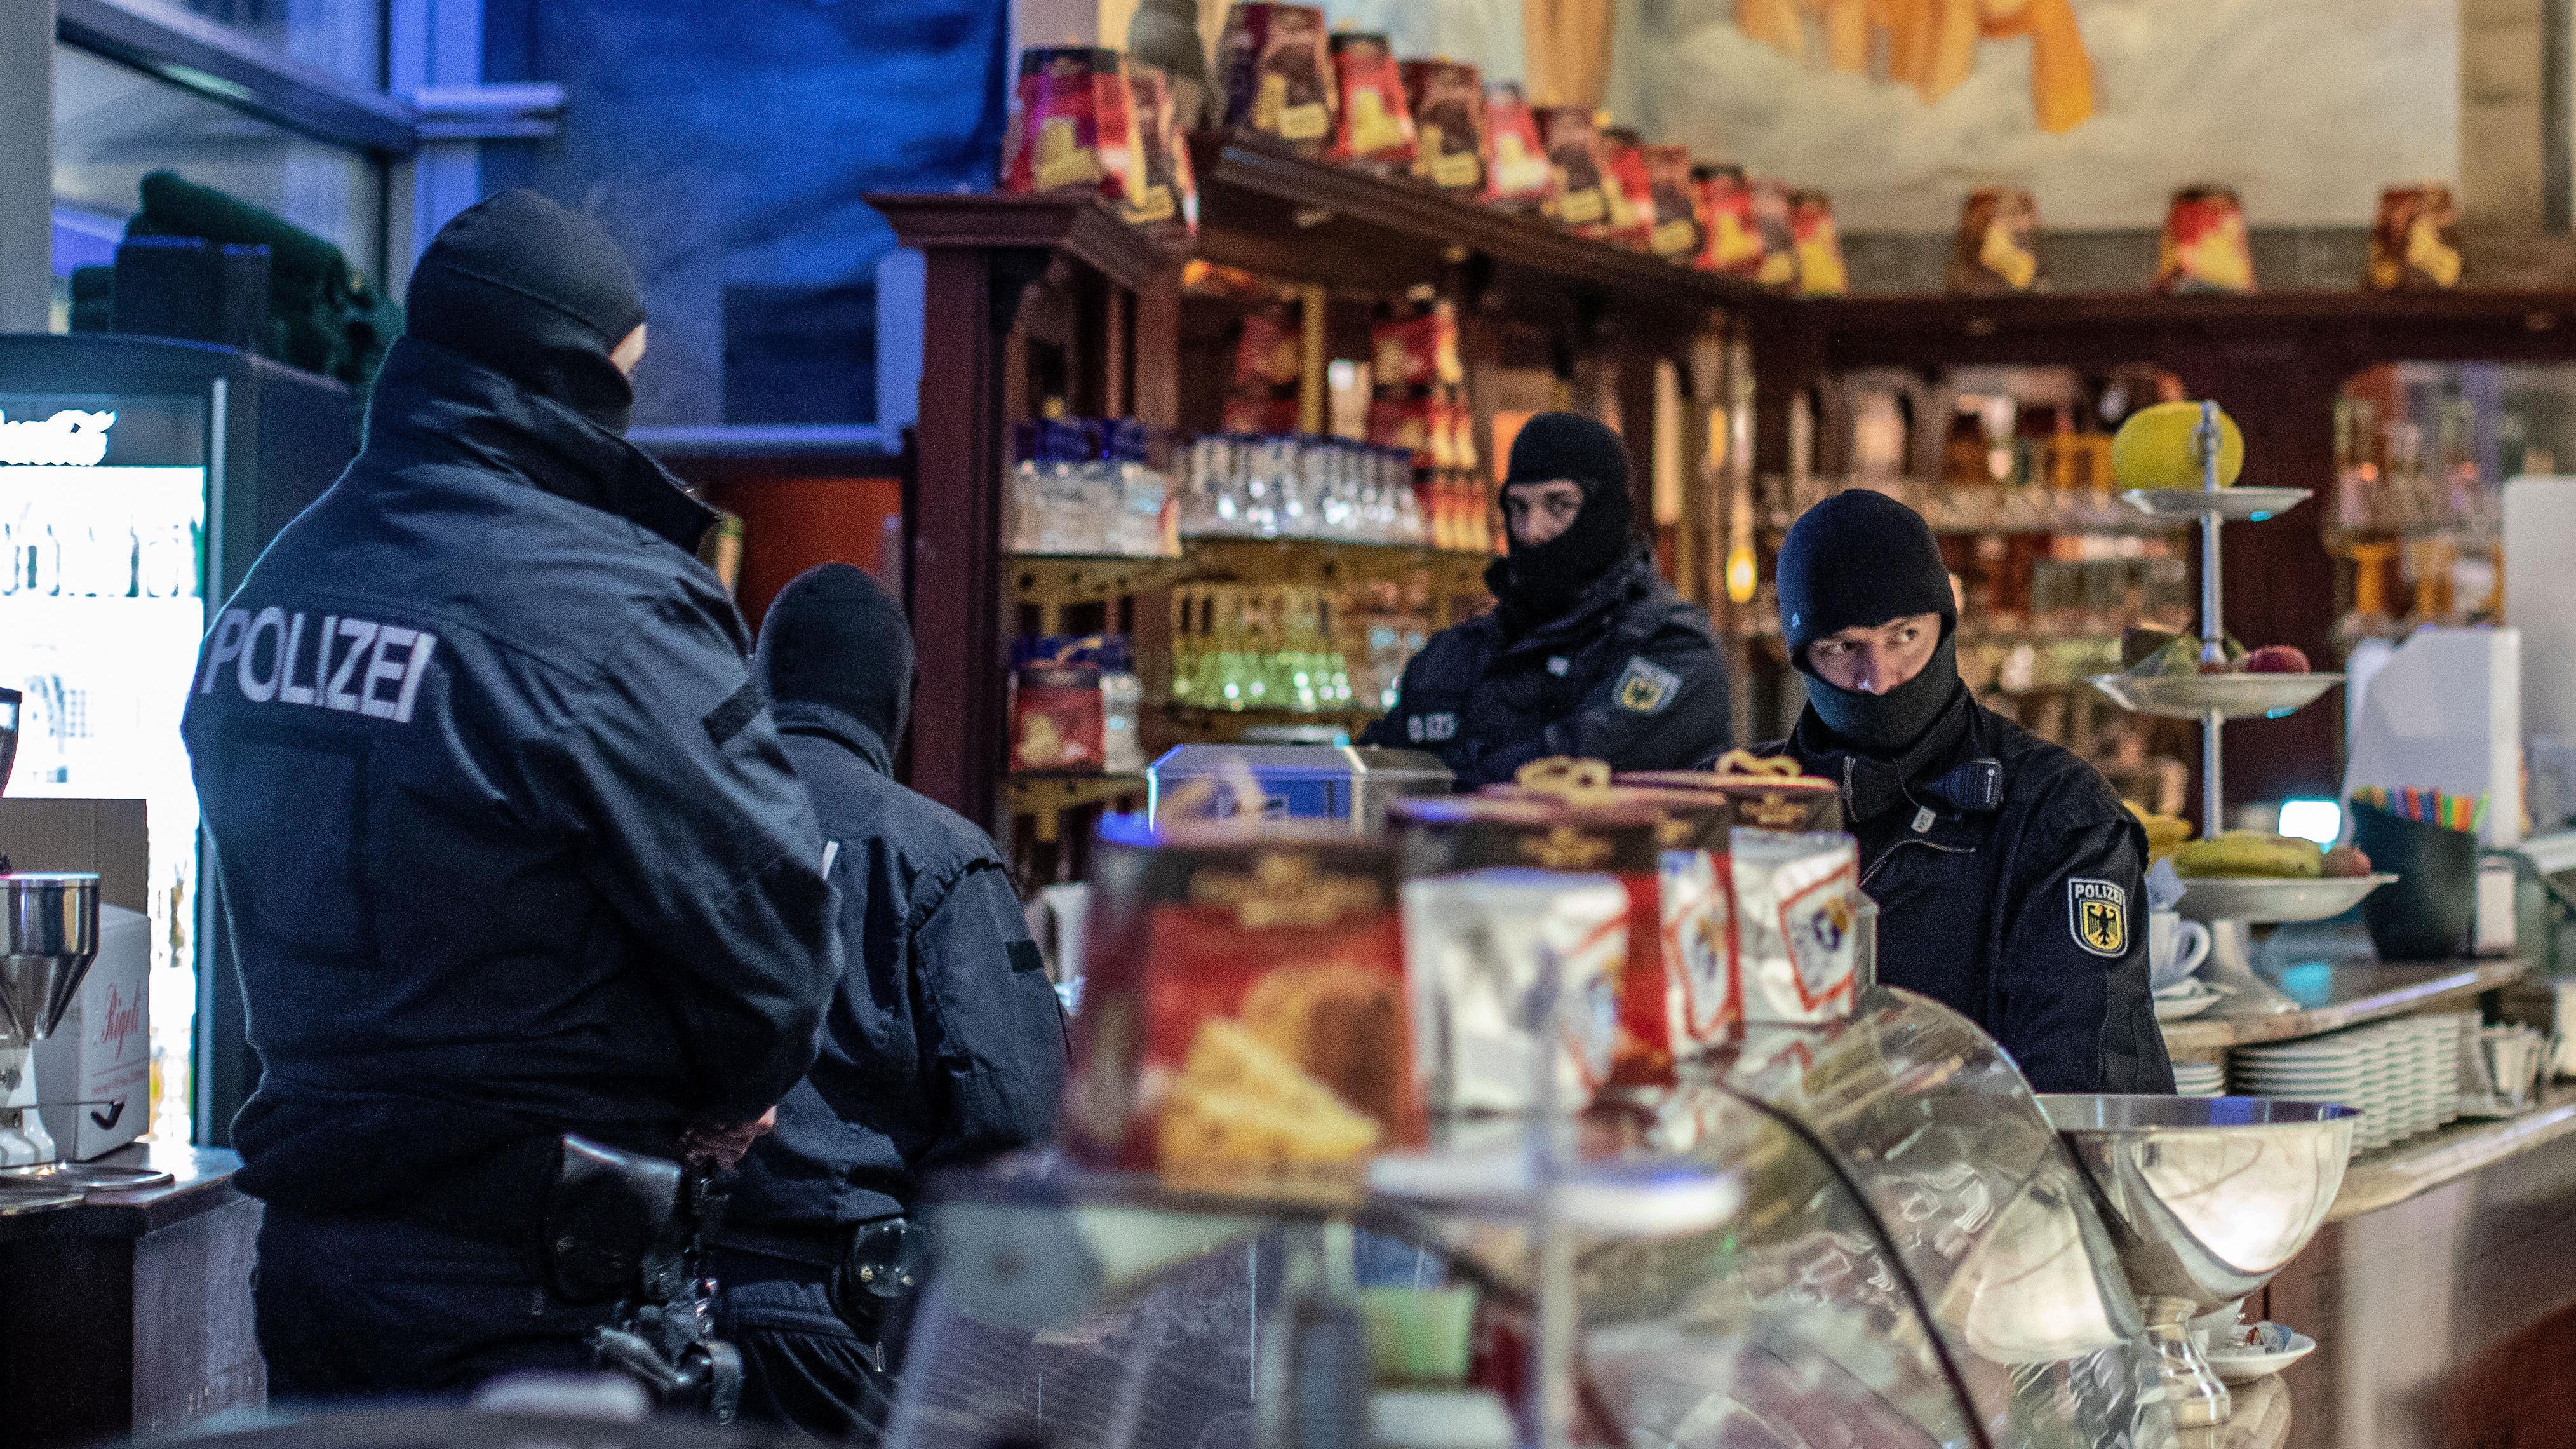 Polizisten durchsuchen ein Eiscafé in Duisburg